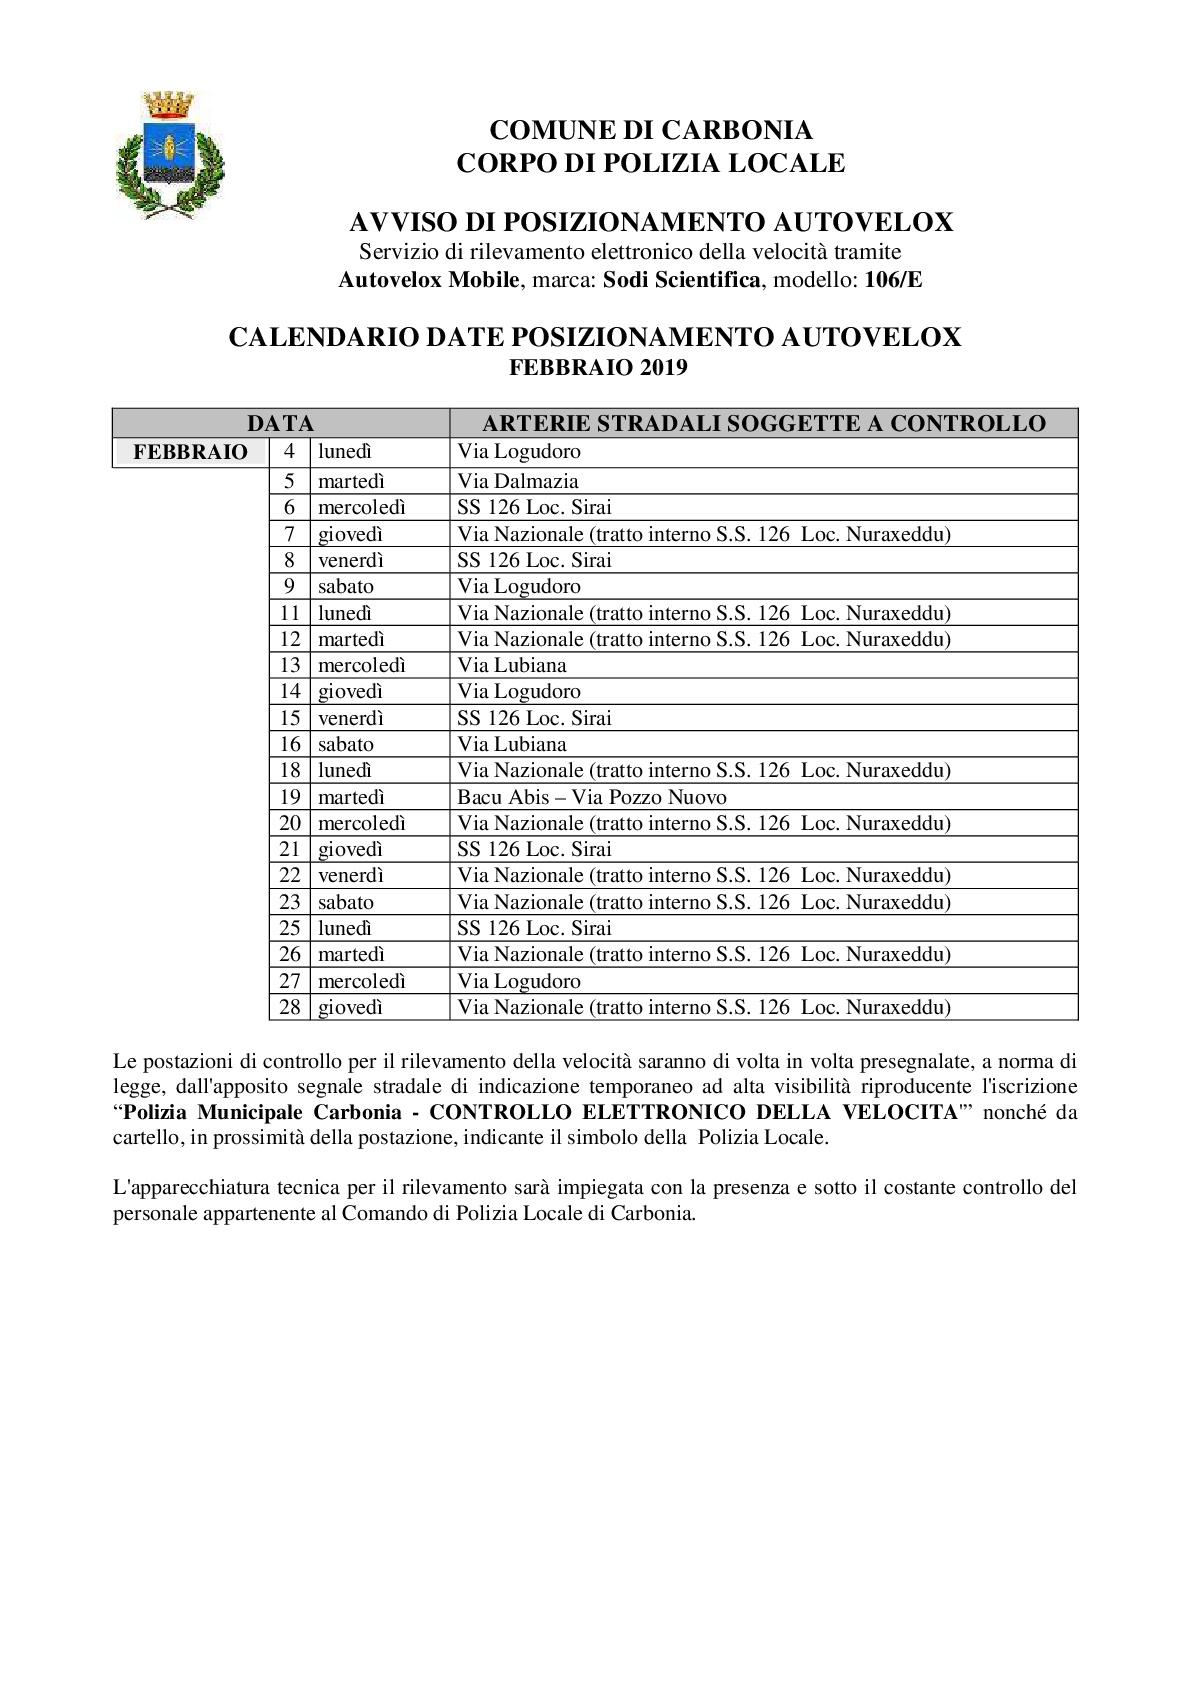 Primavera Sulcitana 2020 Calendario.Il Calendario Delle Postazioni Autovelox Della Polizia